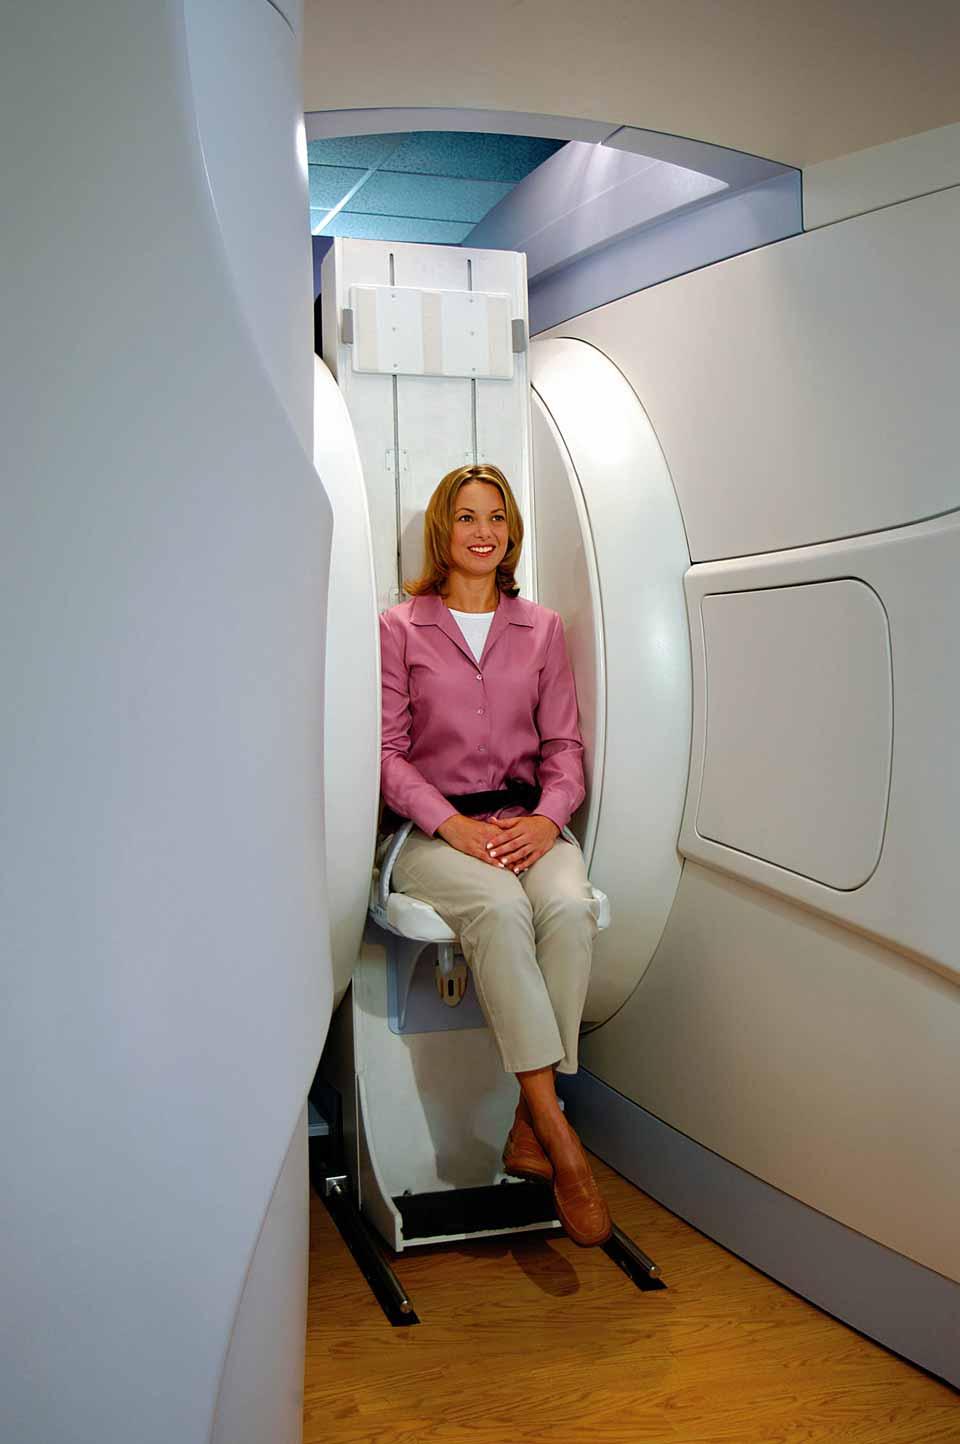 вертикальная стойка МРТ